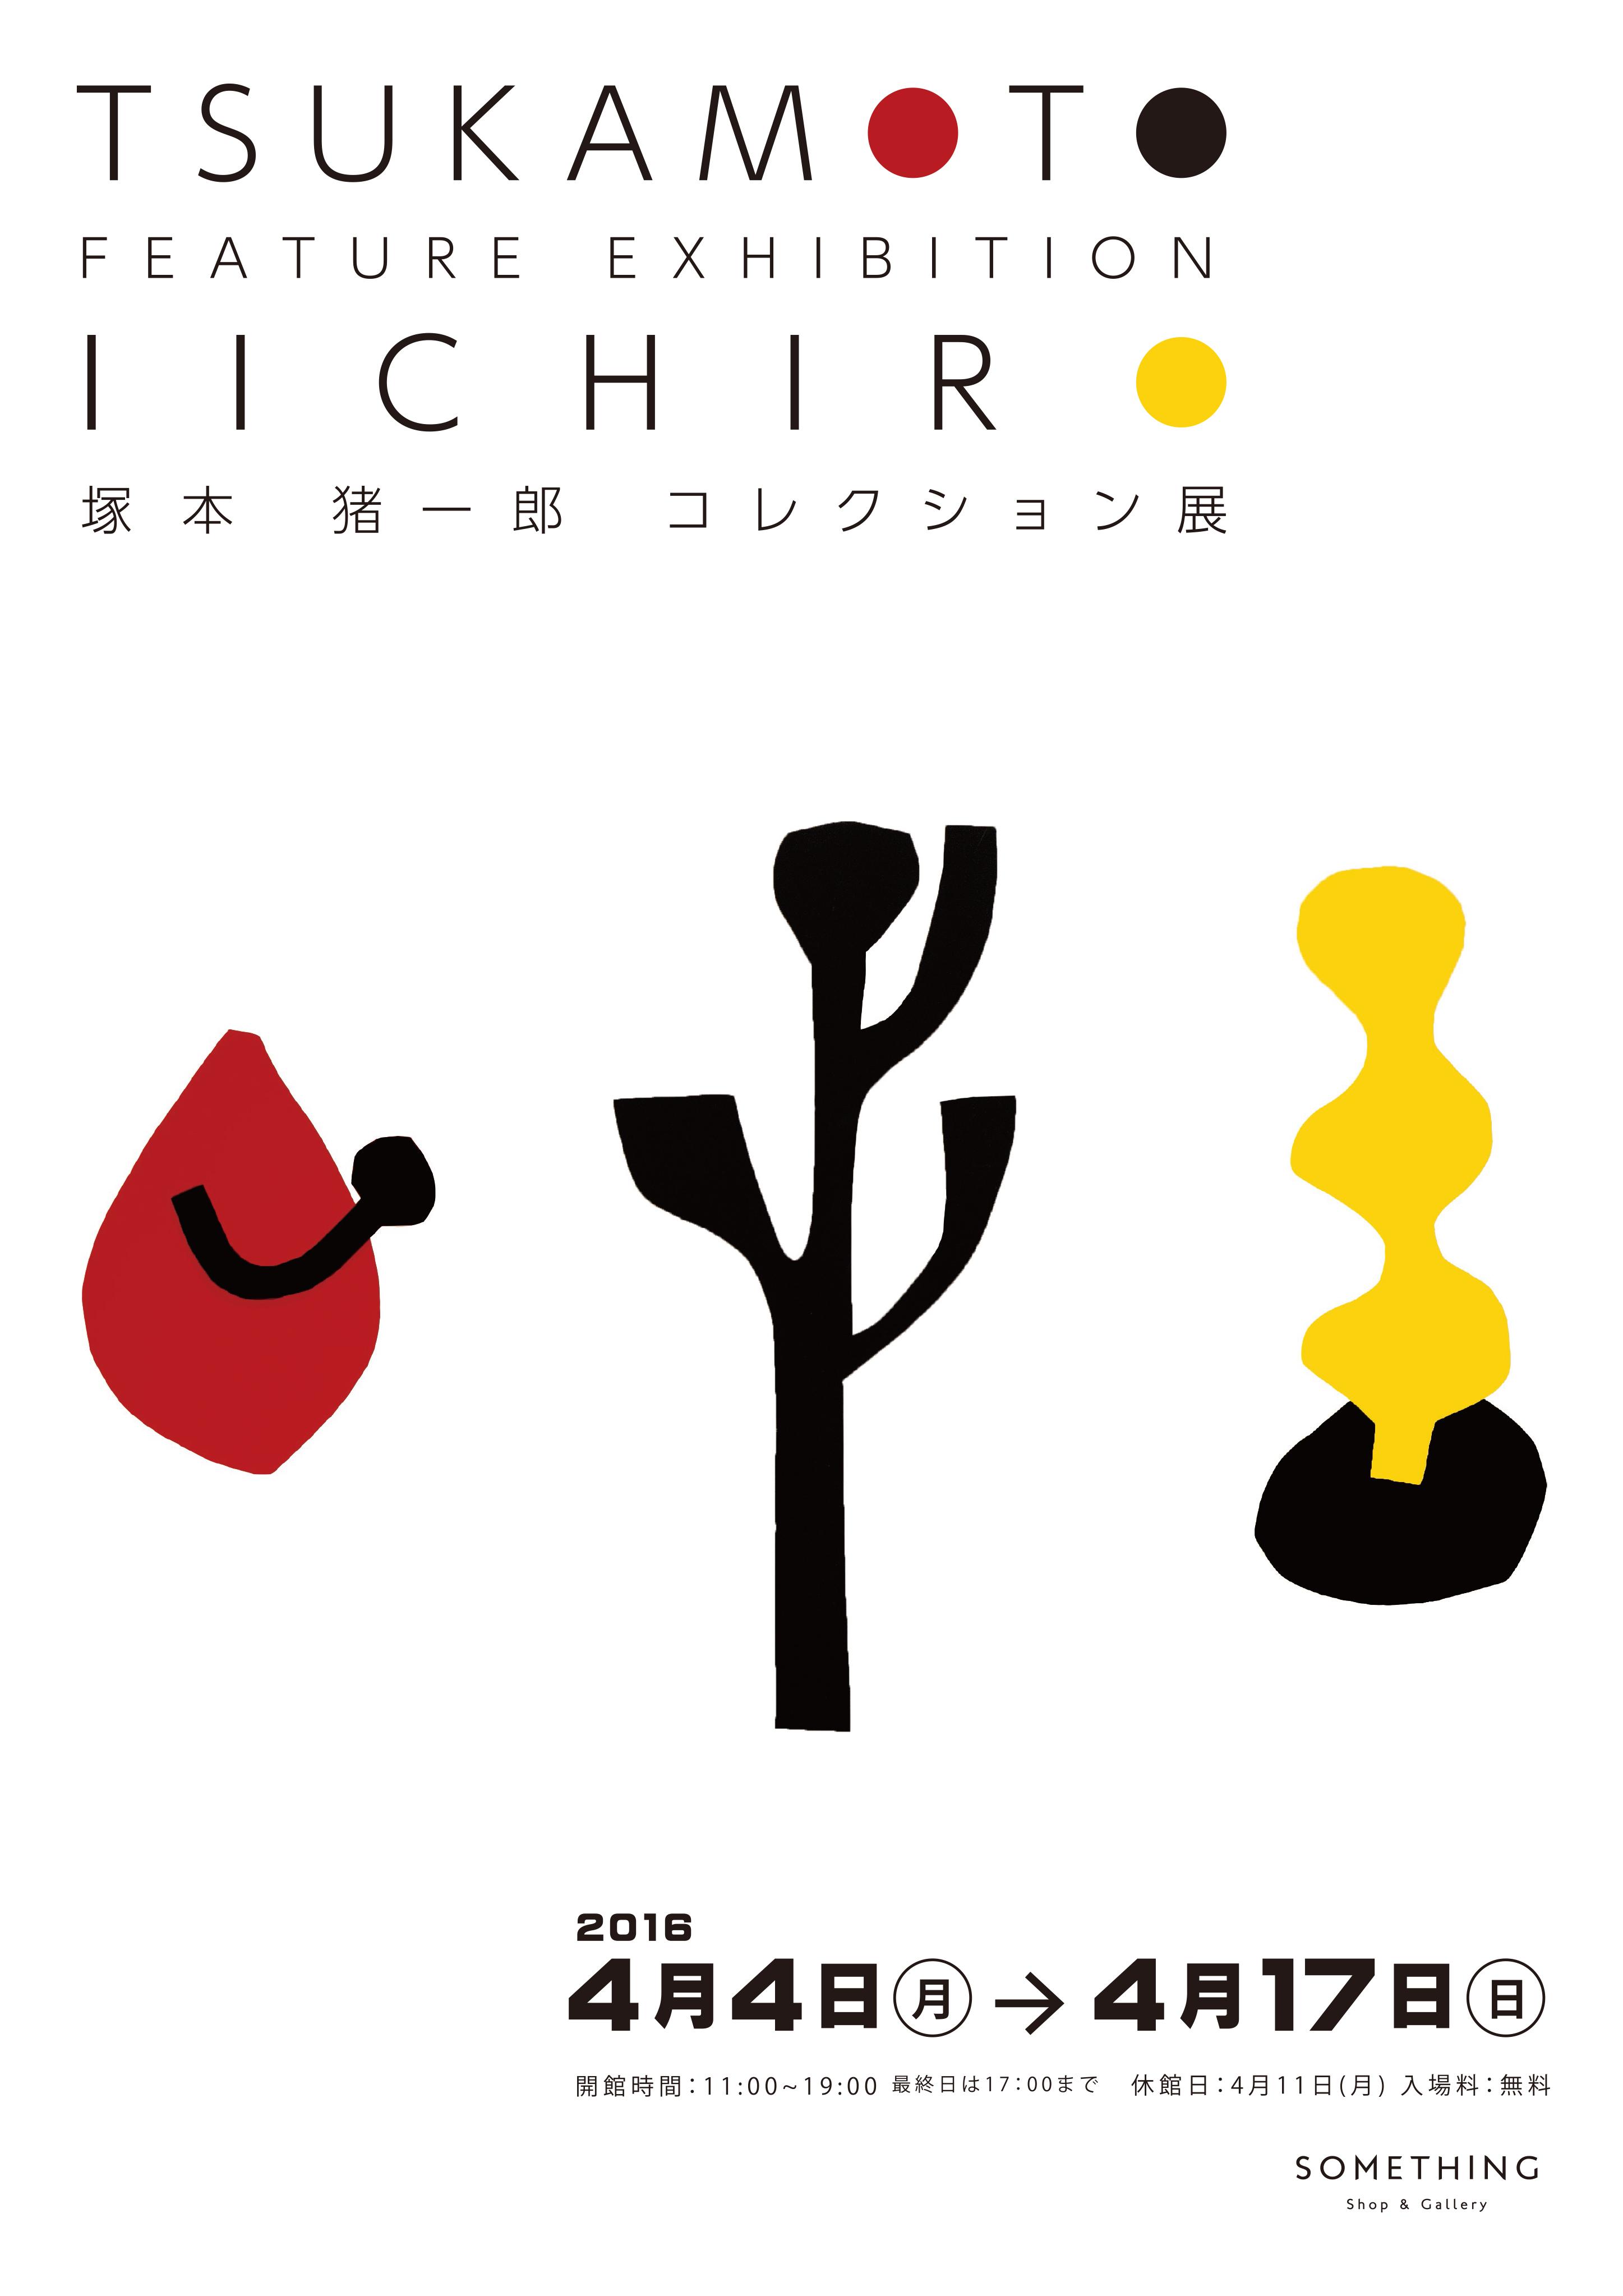 塚本 猪一郎 コレクション展  TSUKAMOTO IICHIROU FEATURE EXHIBITION